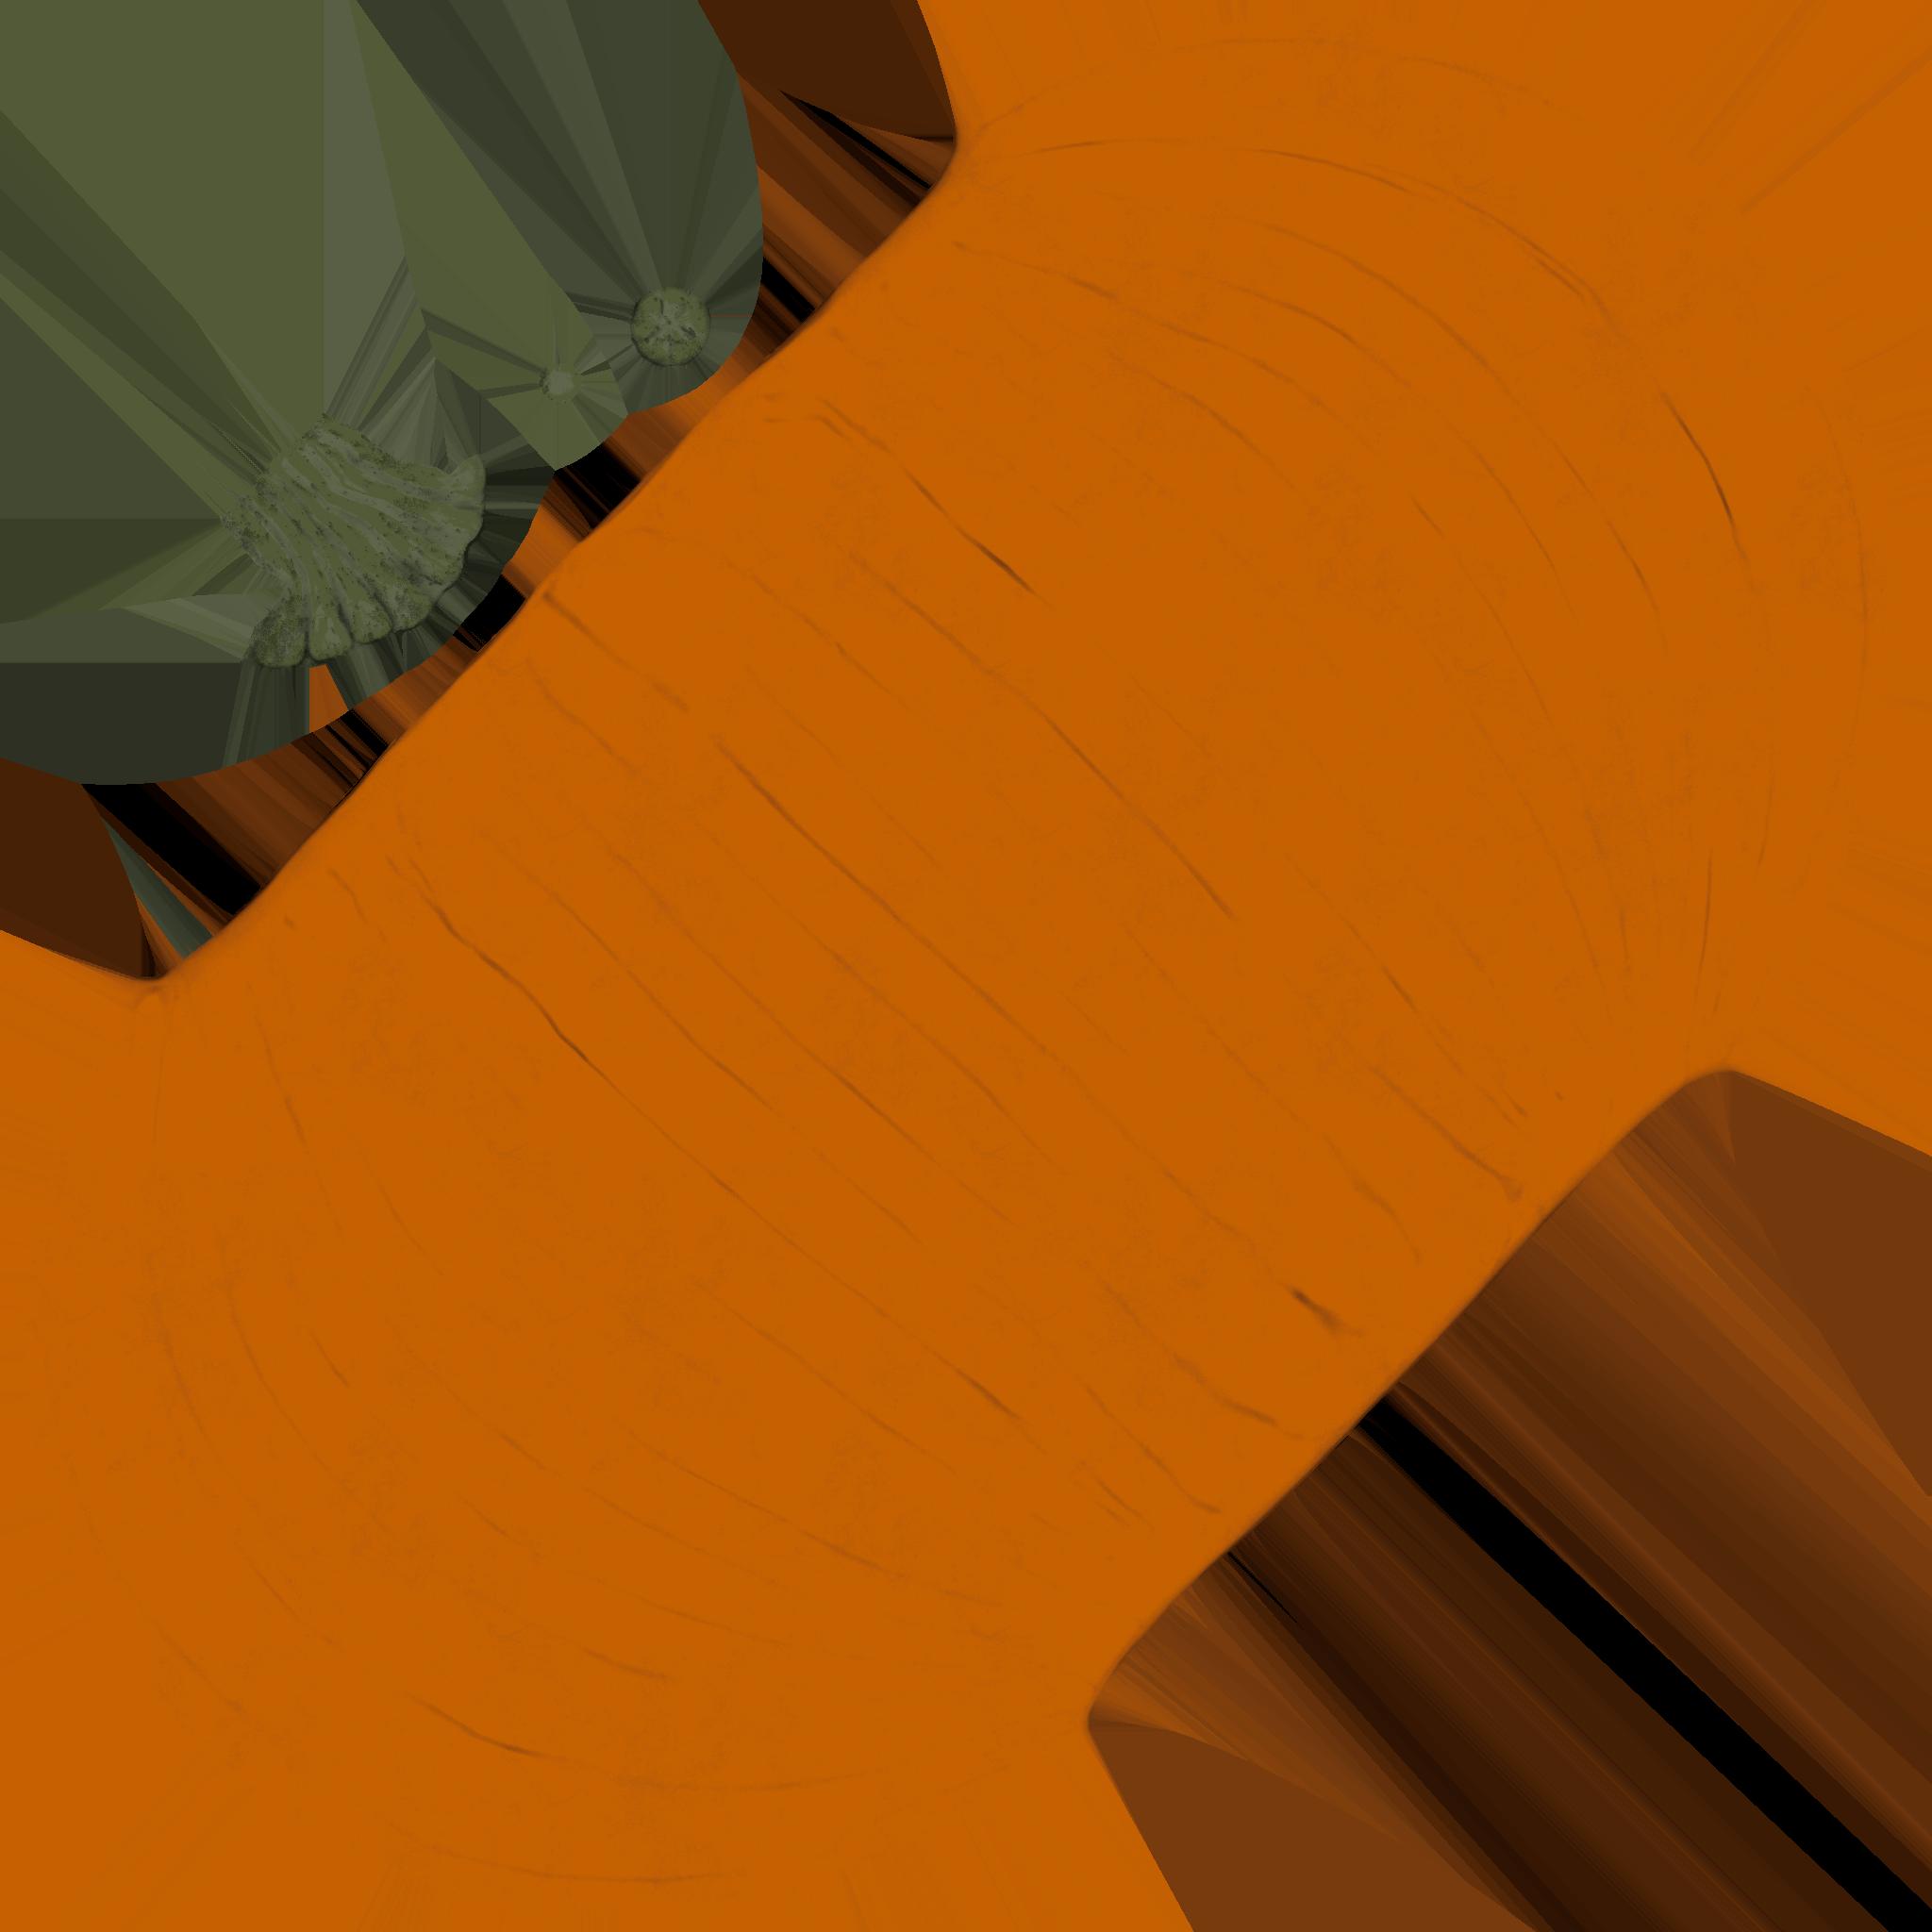 meshes/pumpkins/pumpkin_03.png